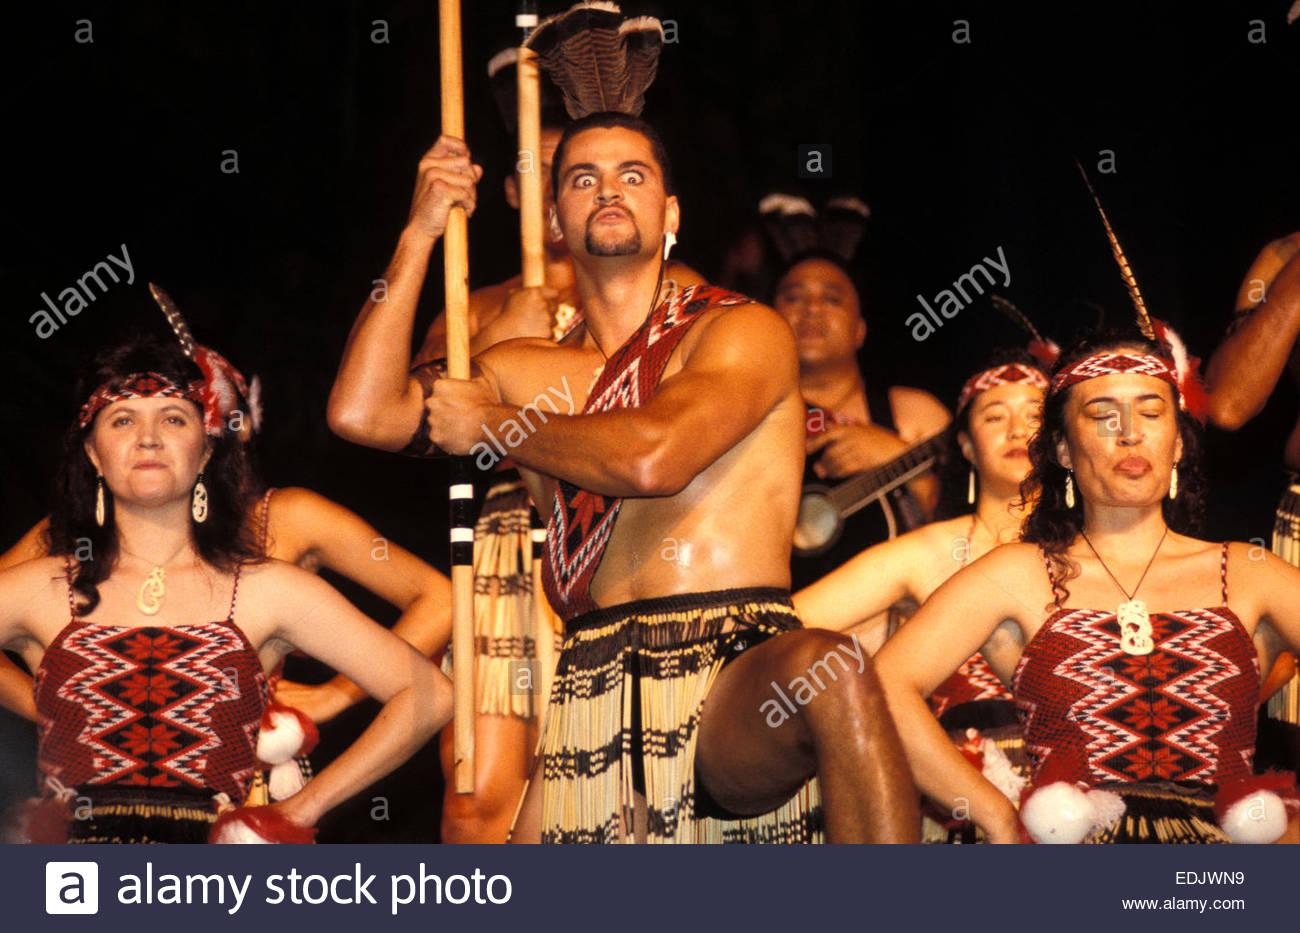 Maori dancers from Arawa tribe at Waitangi. Stock Photo